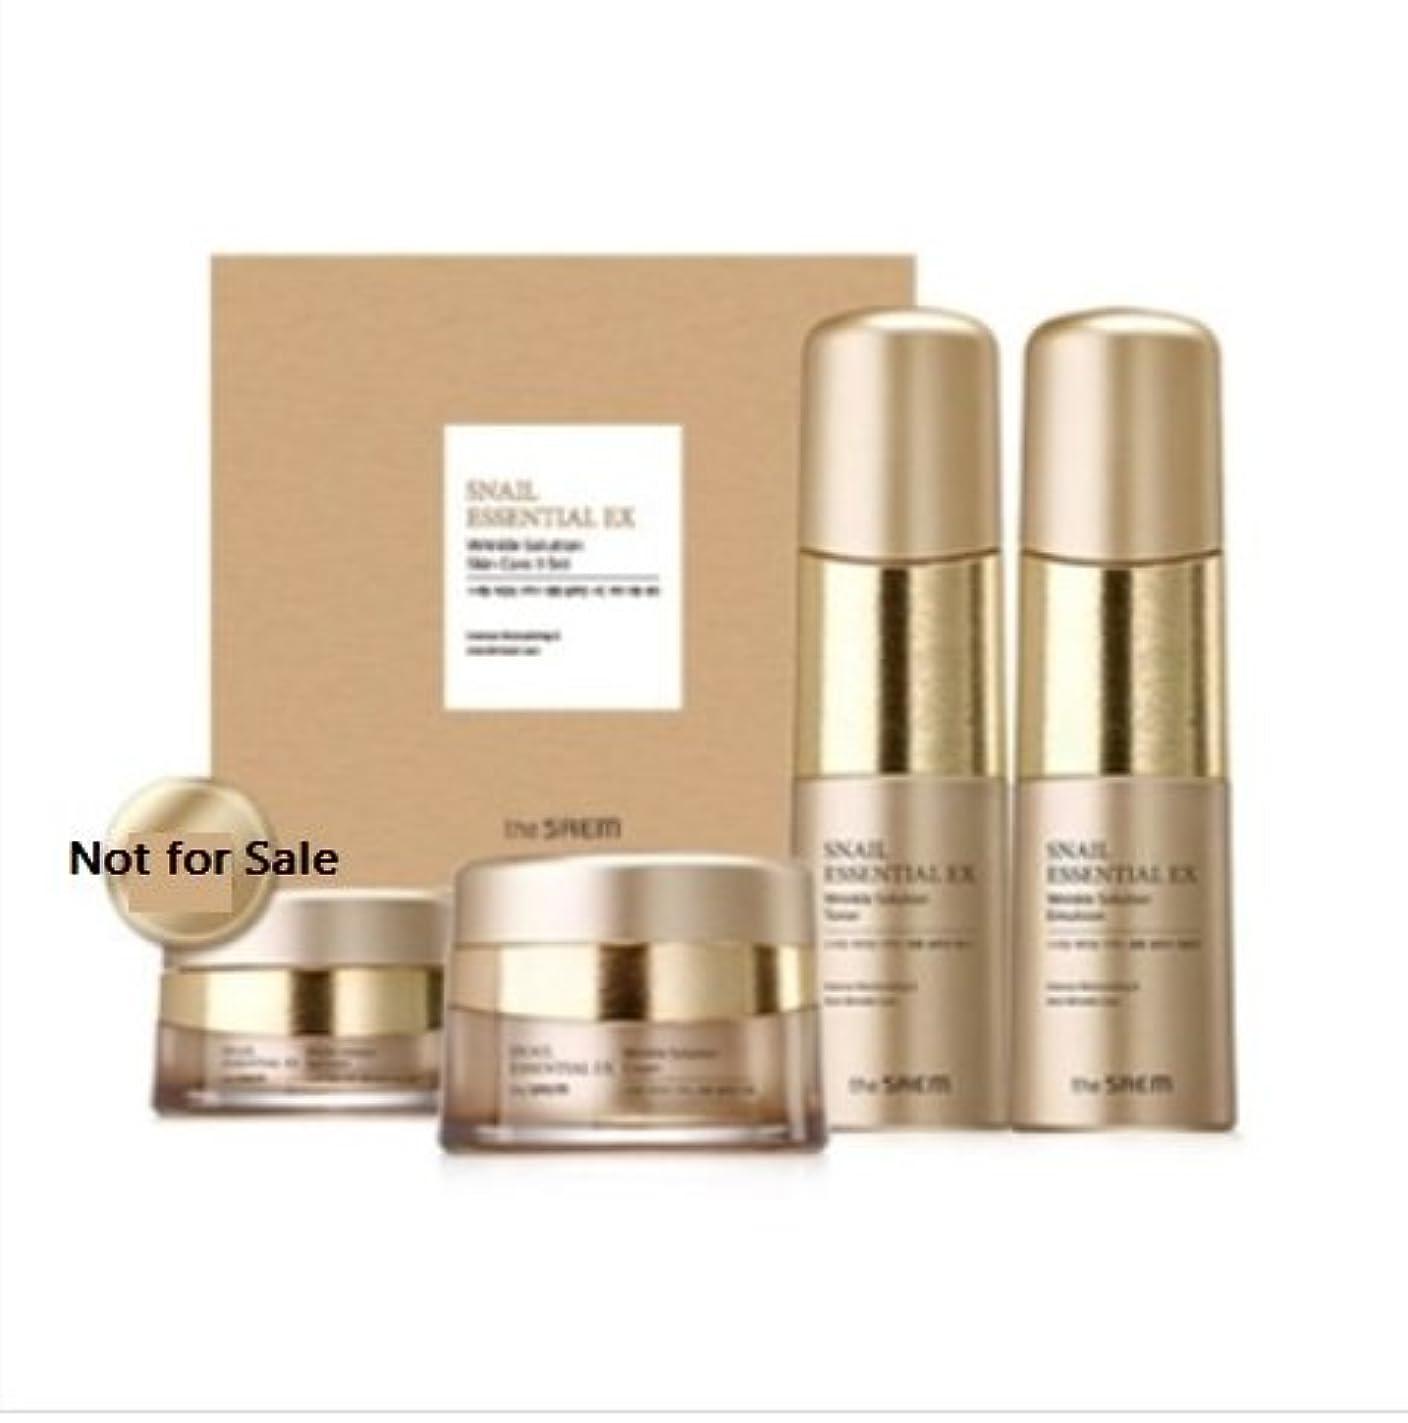 リファイン子厄介な[ザセム] The Saem [スネイル エッセンシャル EXリンクルソリューション スキンケア 3種セット] (Snail Essential EX-Wrinkle Solution Skin Care 3Set) [...